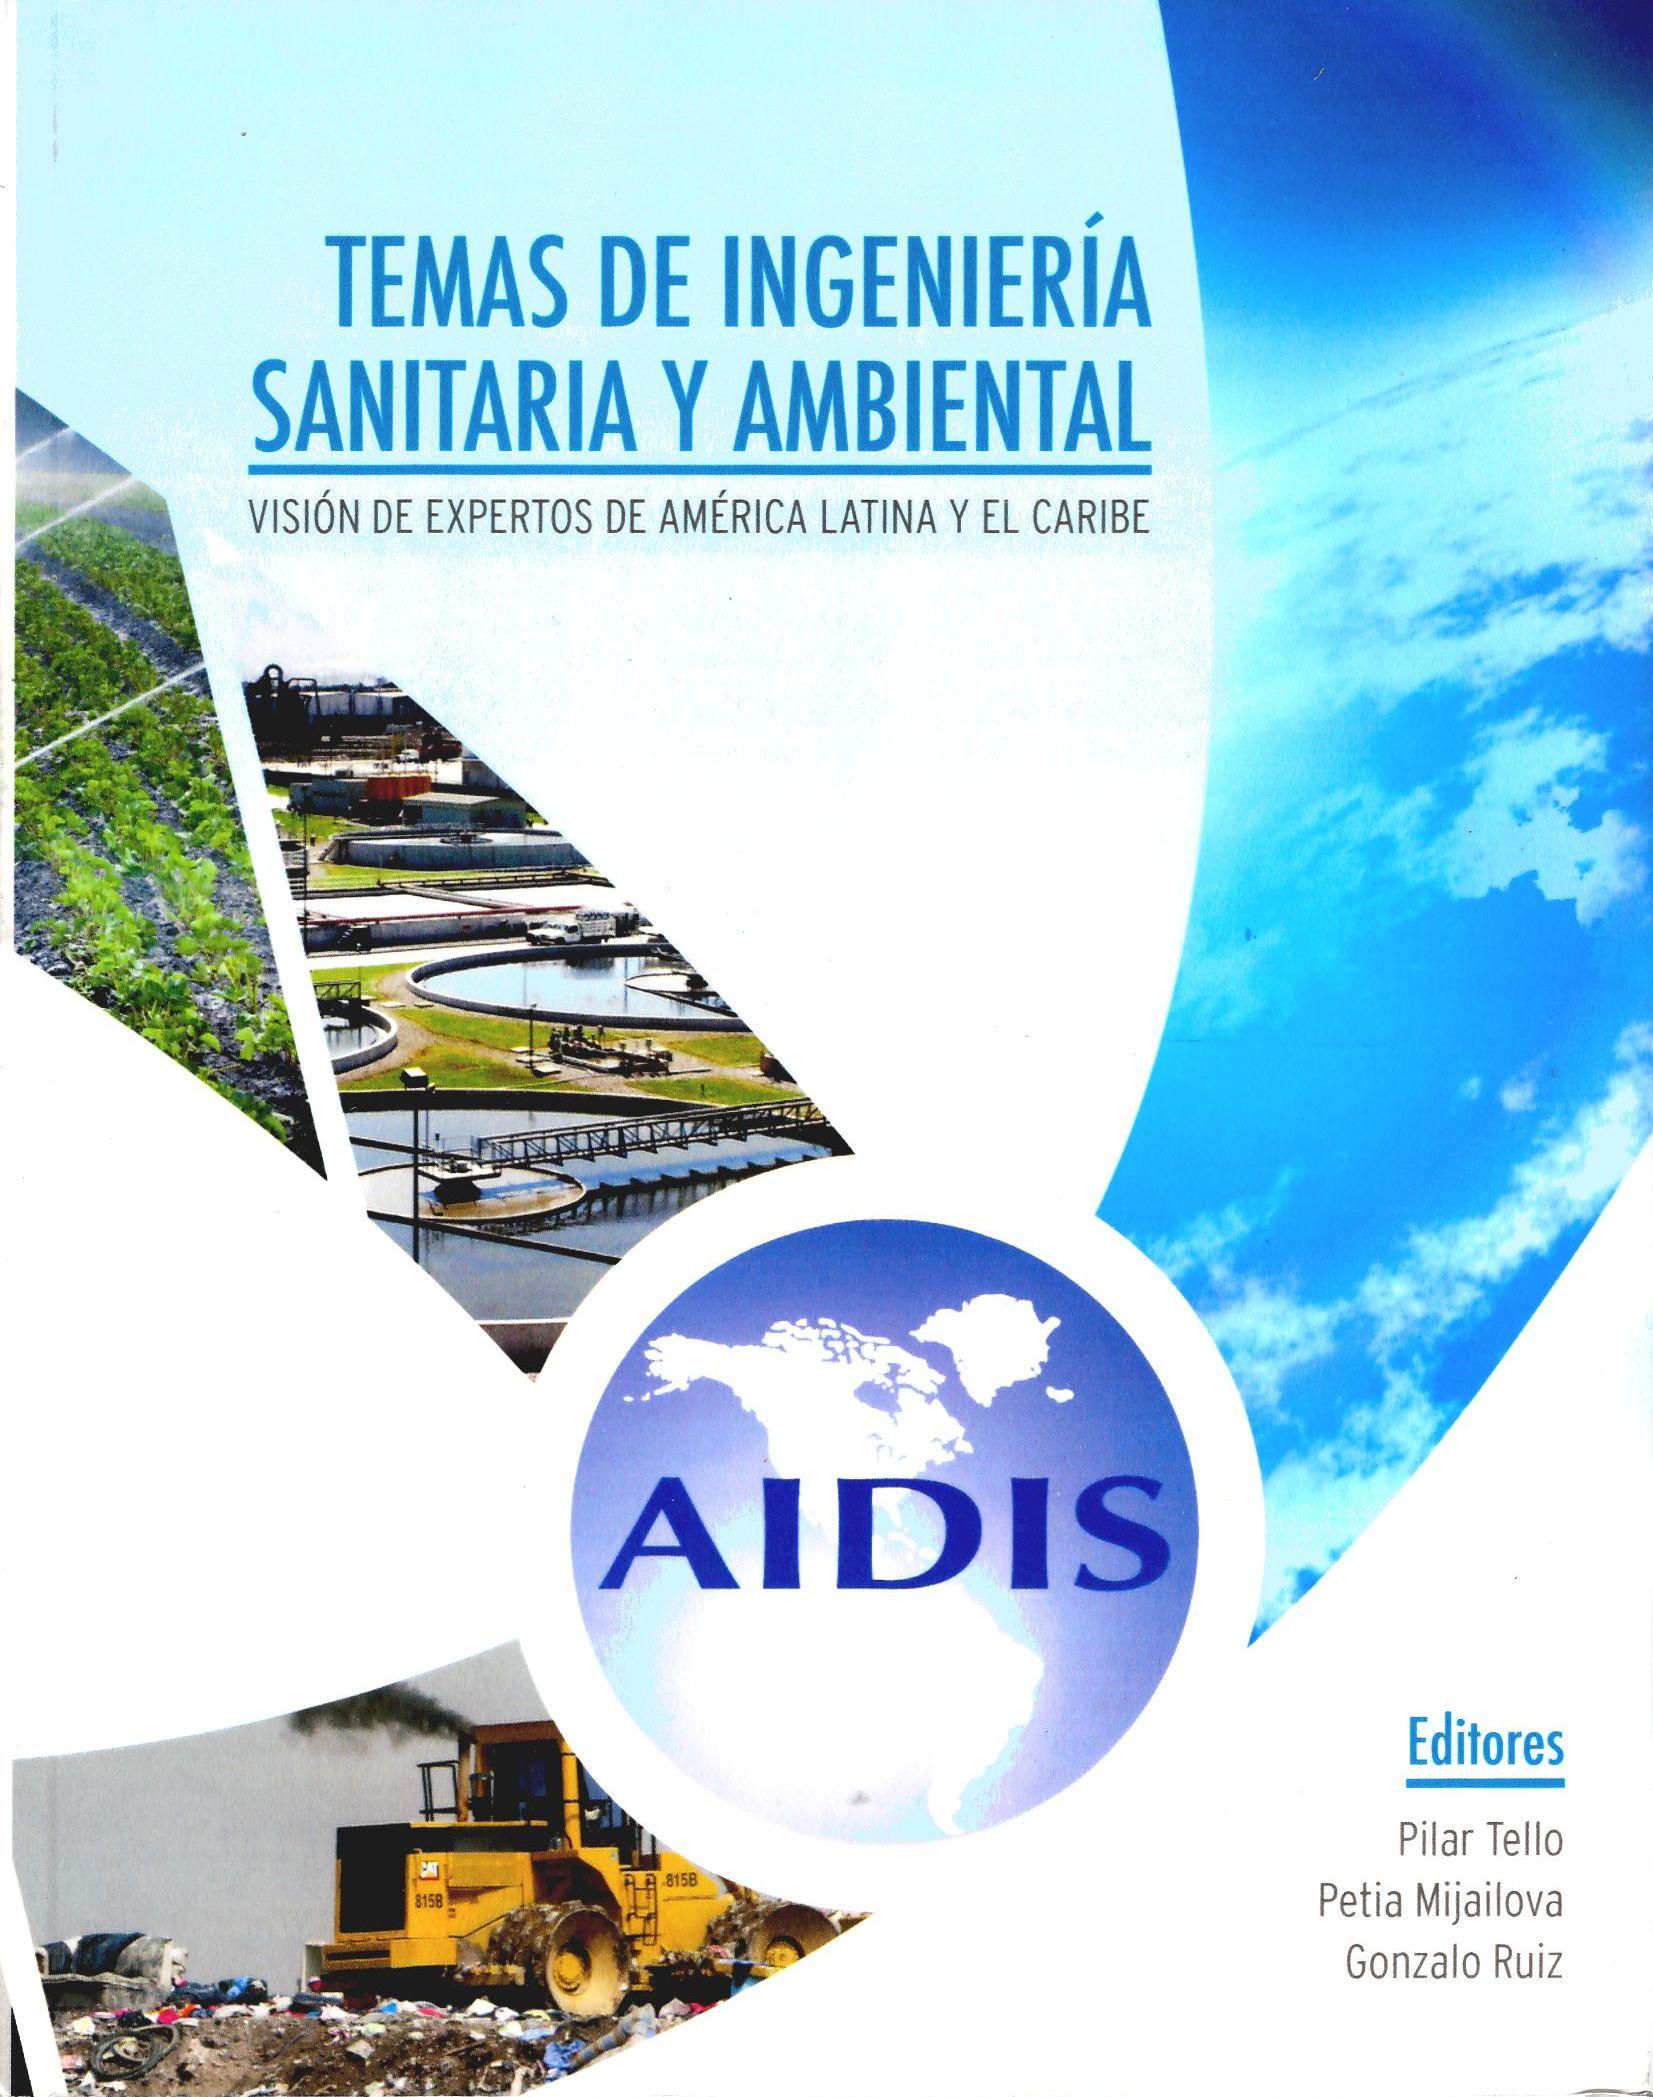 Temas de ingeniería sanitaria y ambiental. Visión de expertos de América Latina y el Caribe